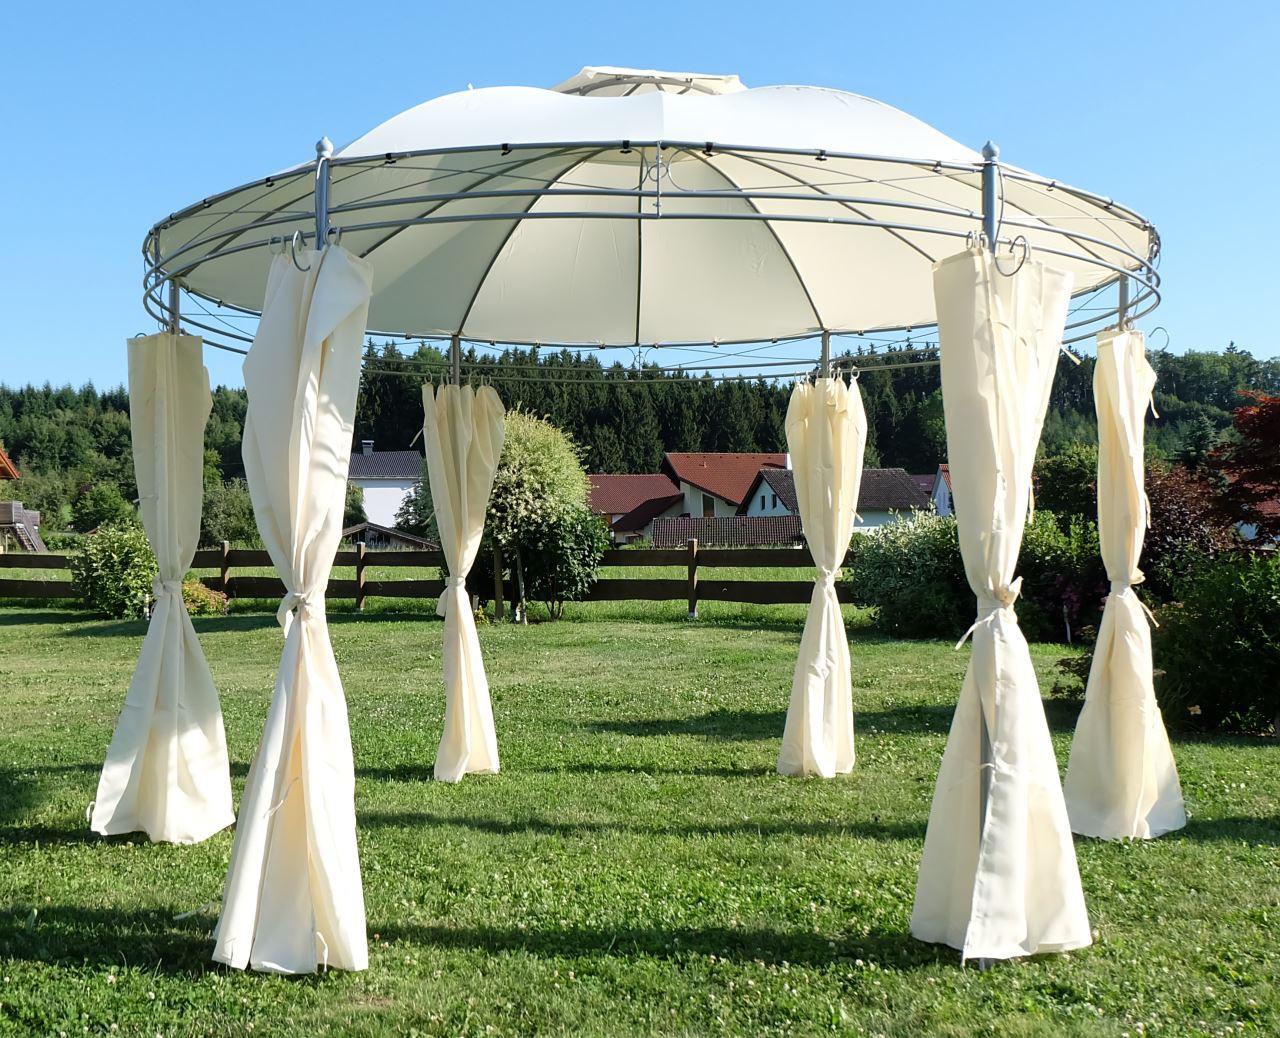 Pavillon garten terrasse   aol bildersuche   ergebnisse